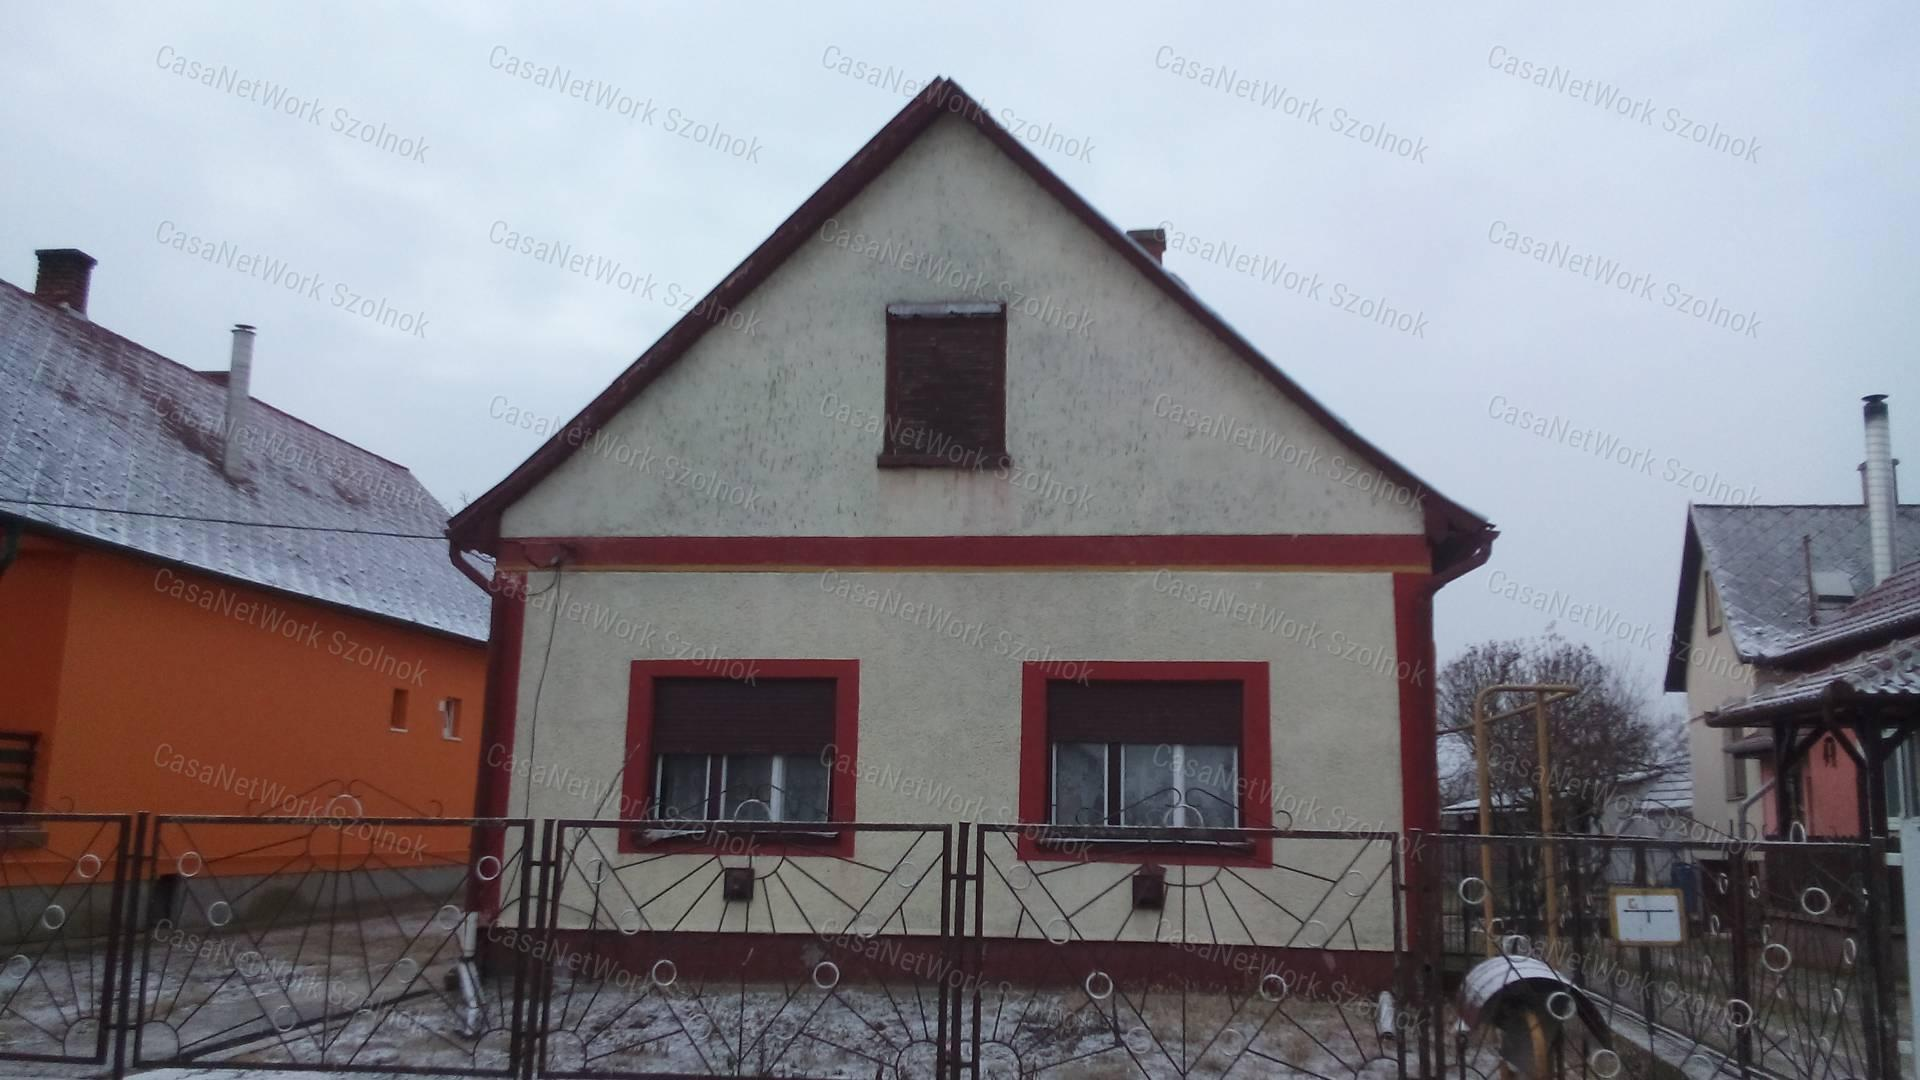 Eladó családi ház, Jász-Nagykun-Szolnok megye, Tiszaföldvár - sz.: 155802512 - CasaNetWork.hu